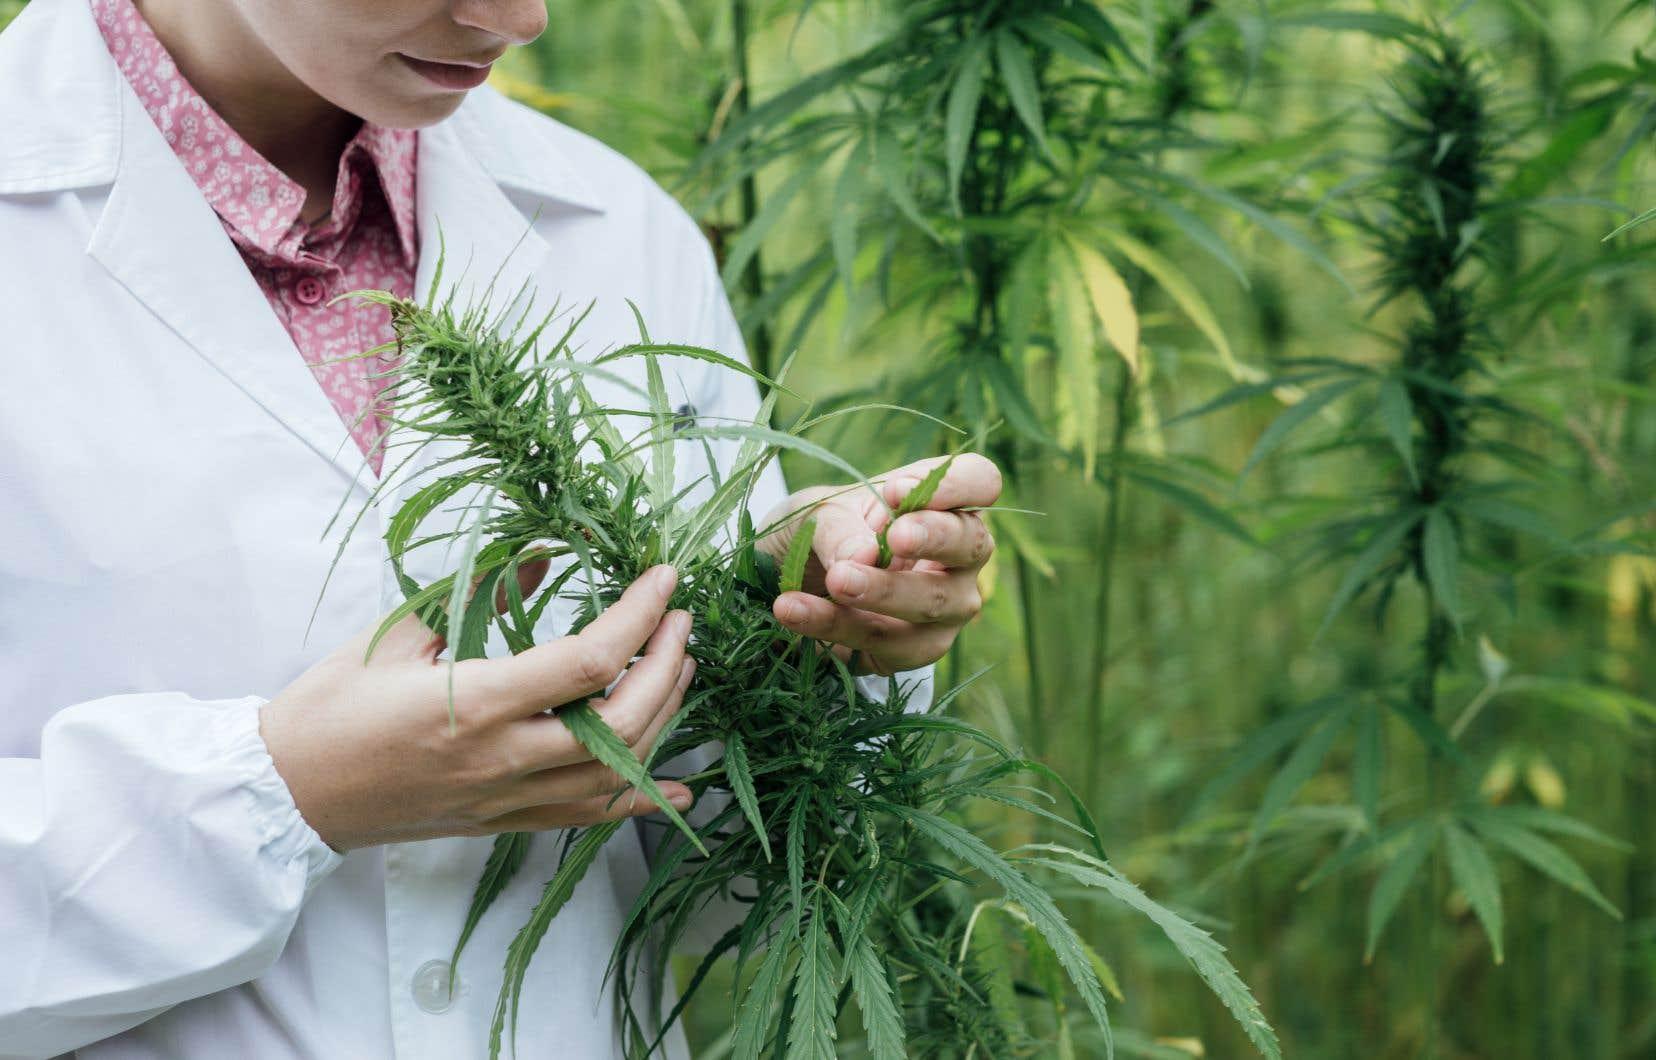 Aux États-Unis, le cannabis est criminellement placé sur le même pied d'égalité que l'héroïne et la cocaïne.